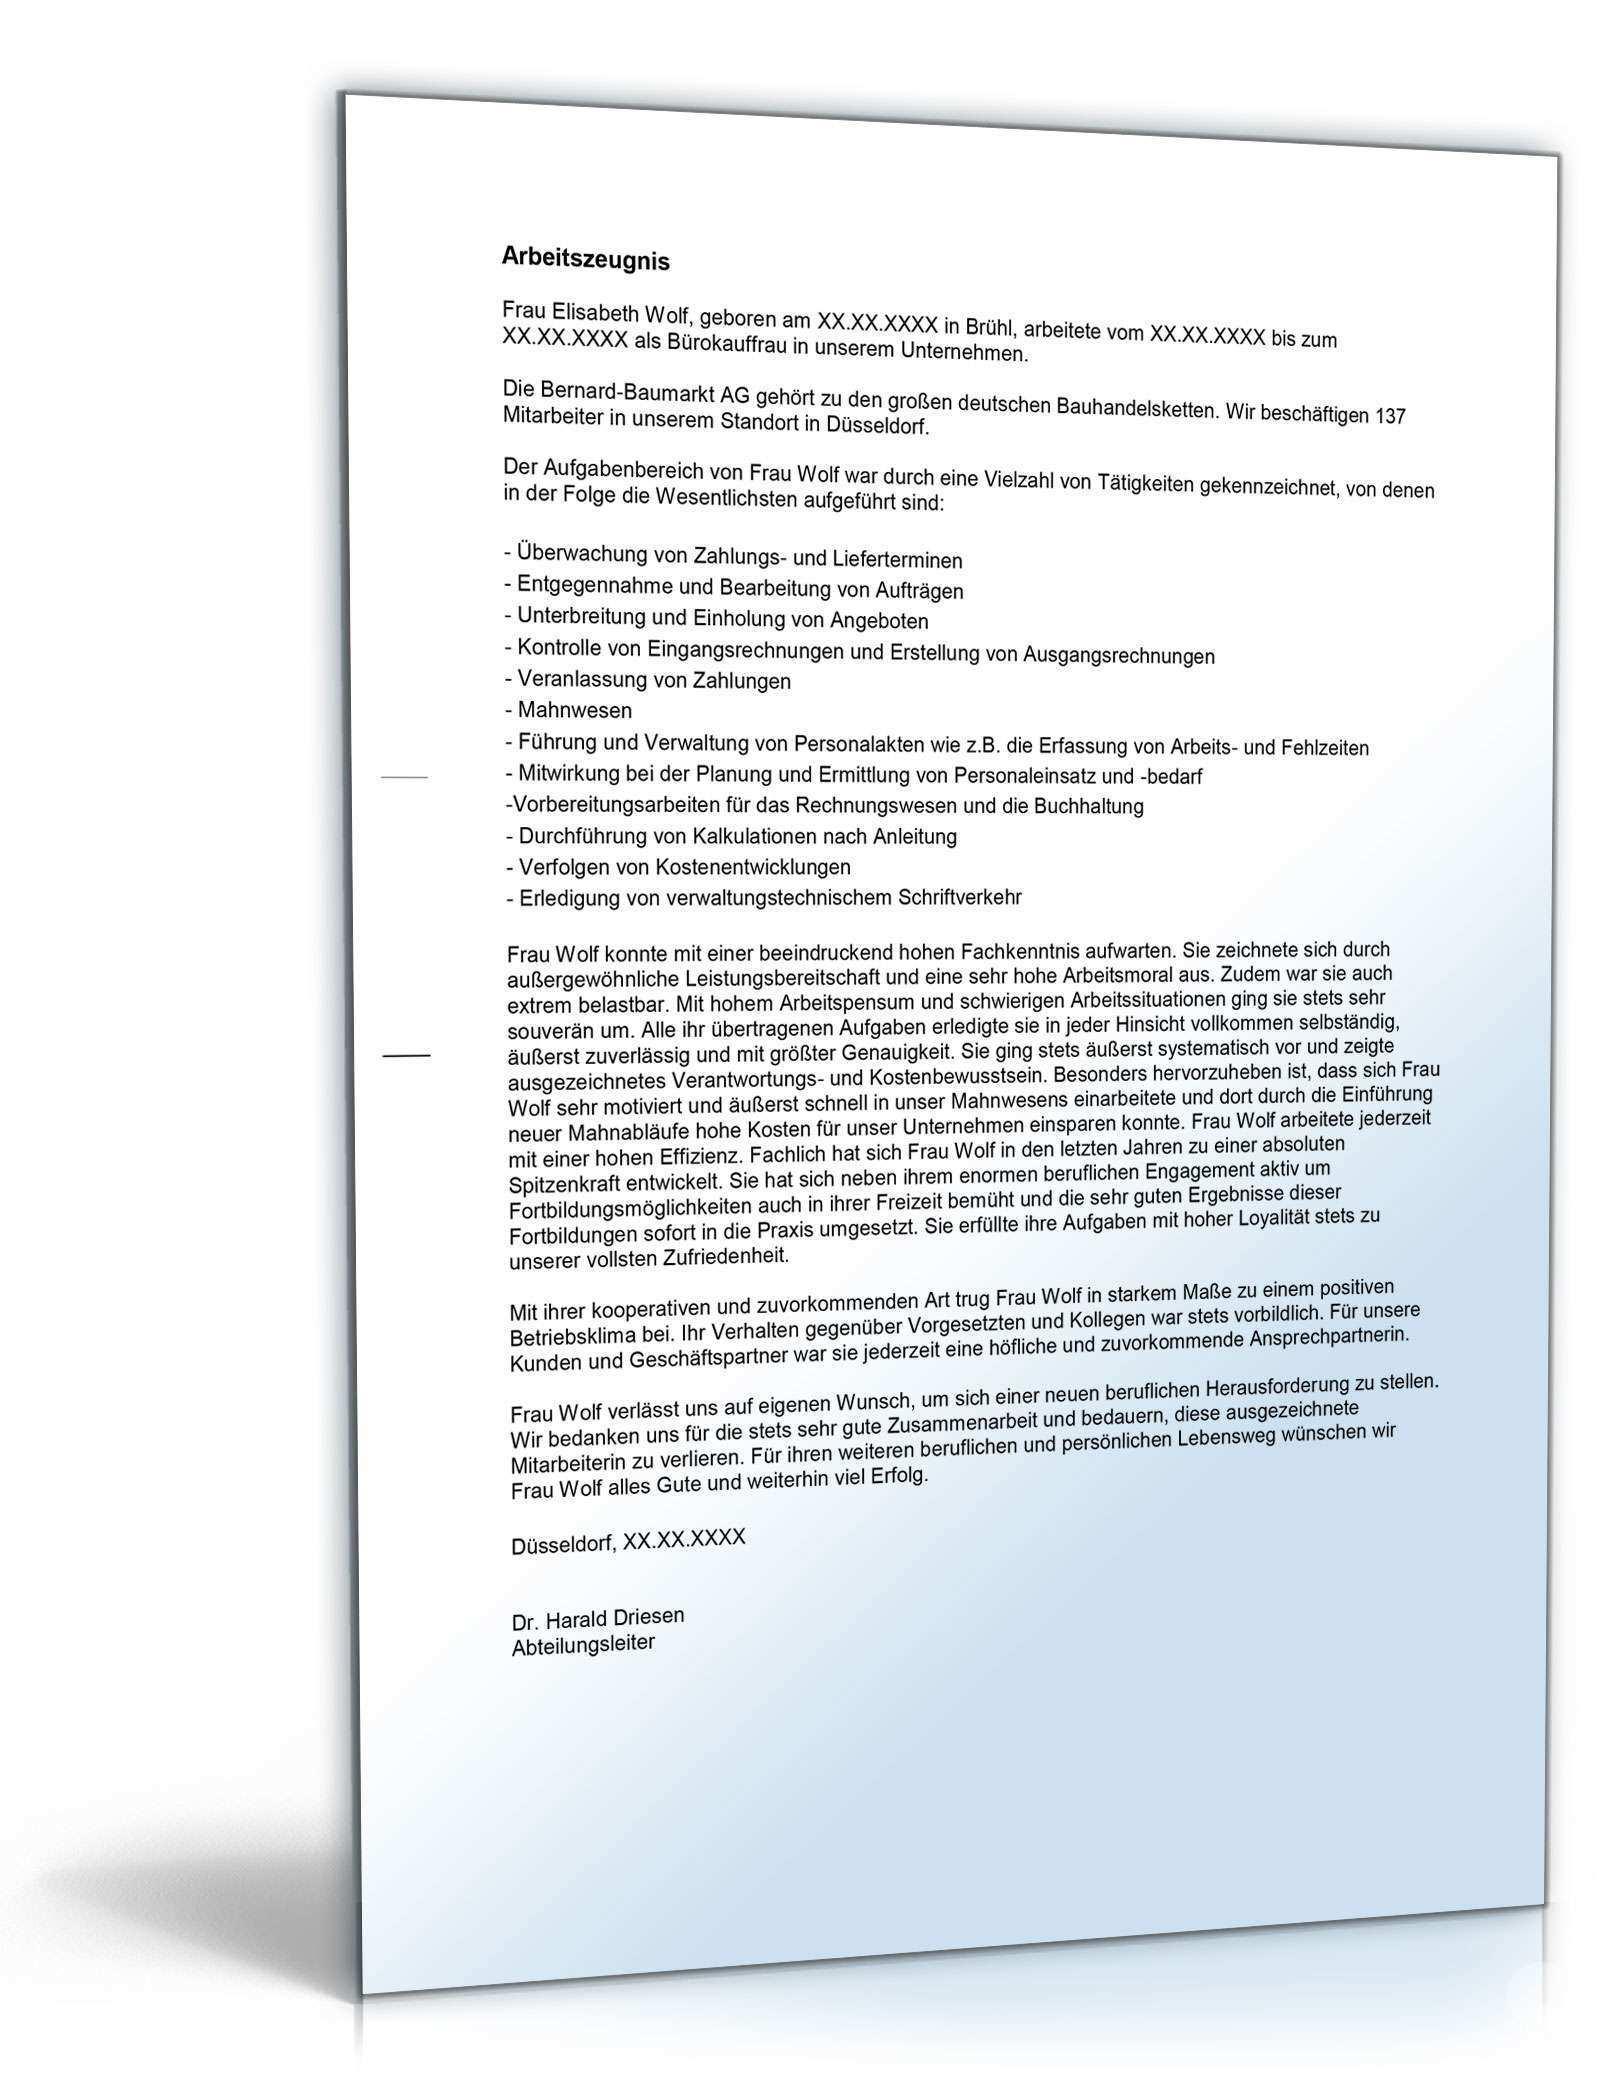 Arbeitszeugnis Burokauffrau Muster Zum Sofort Download